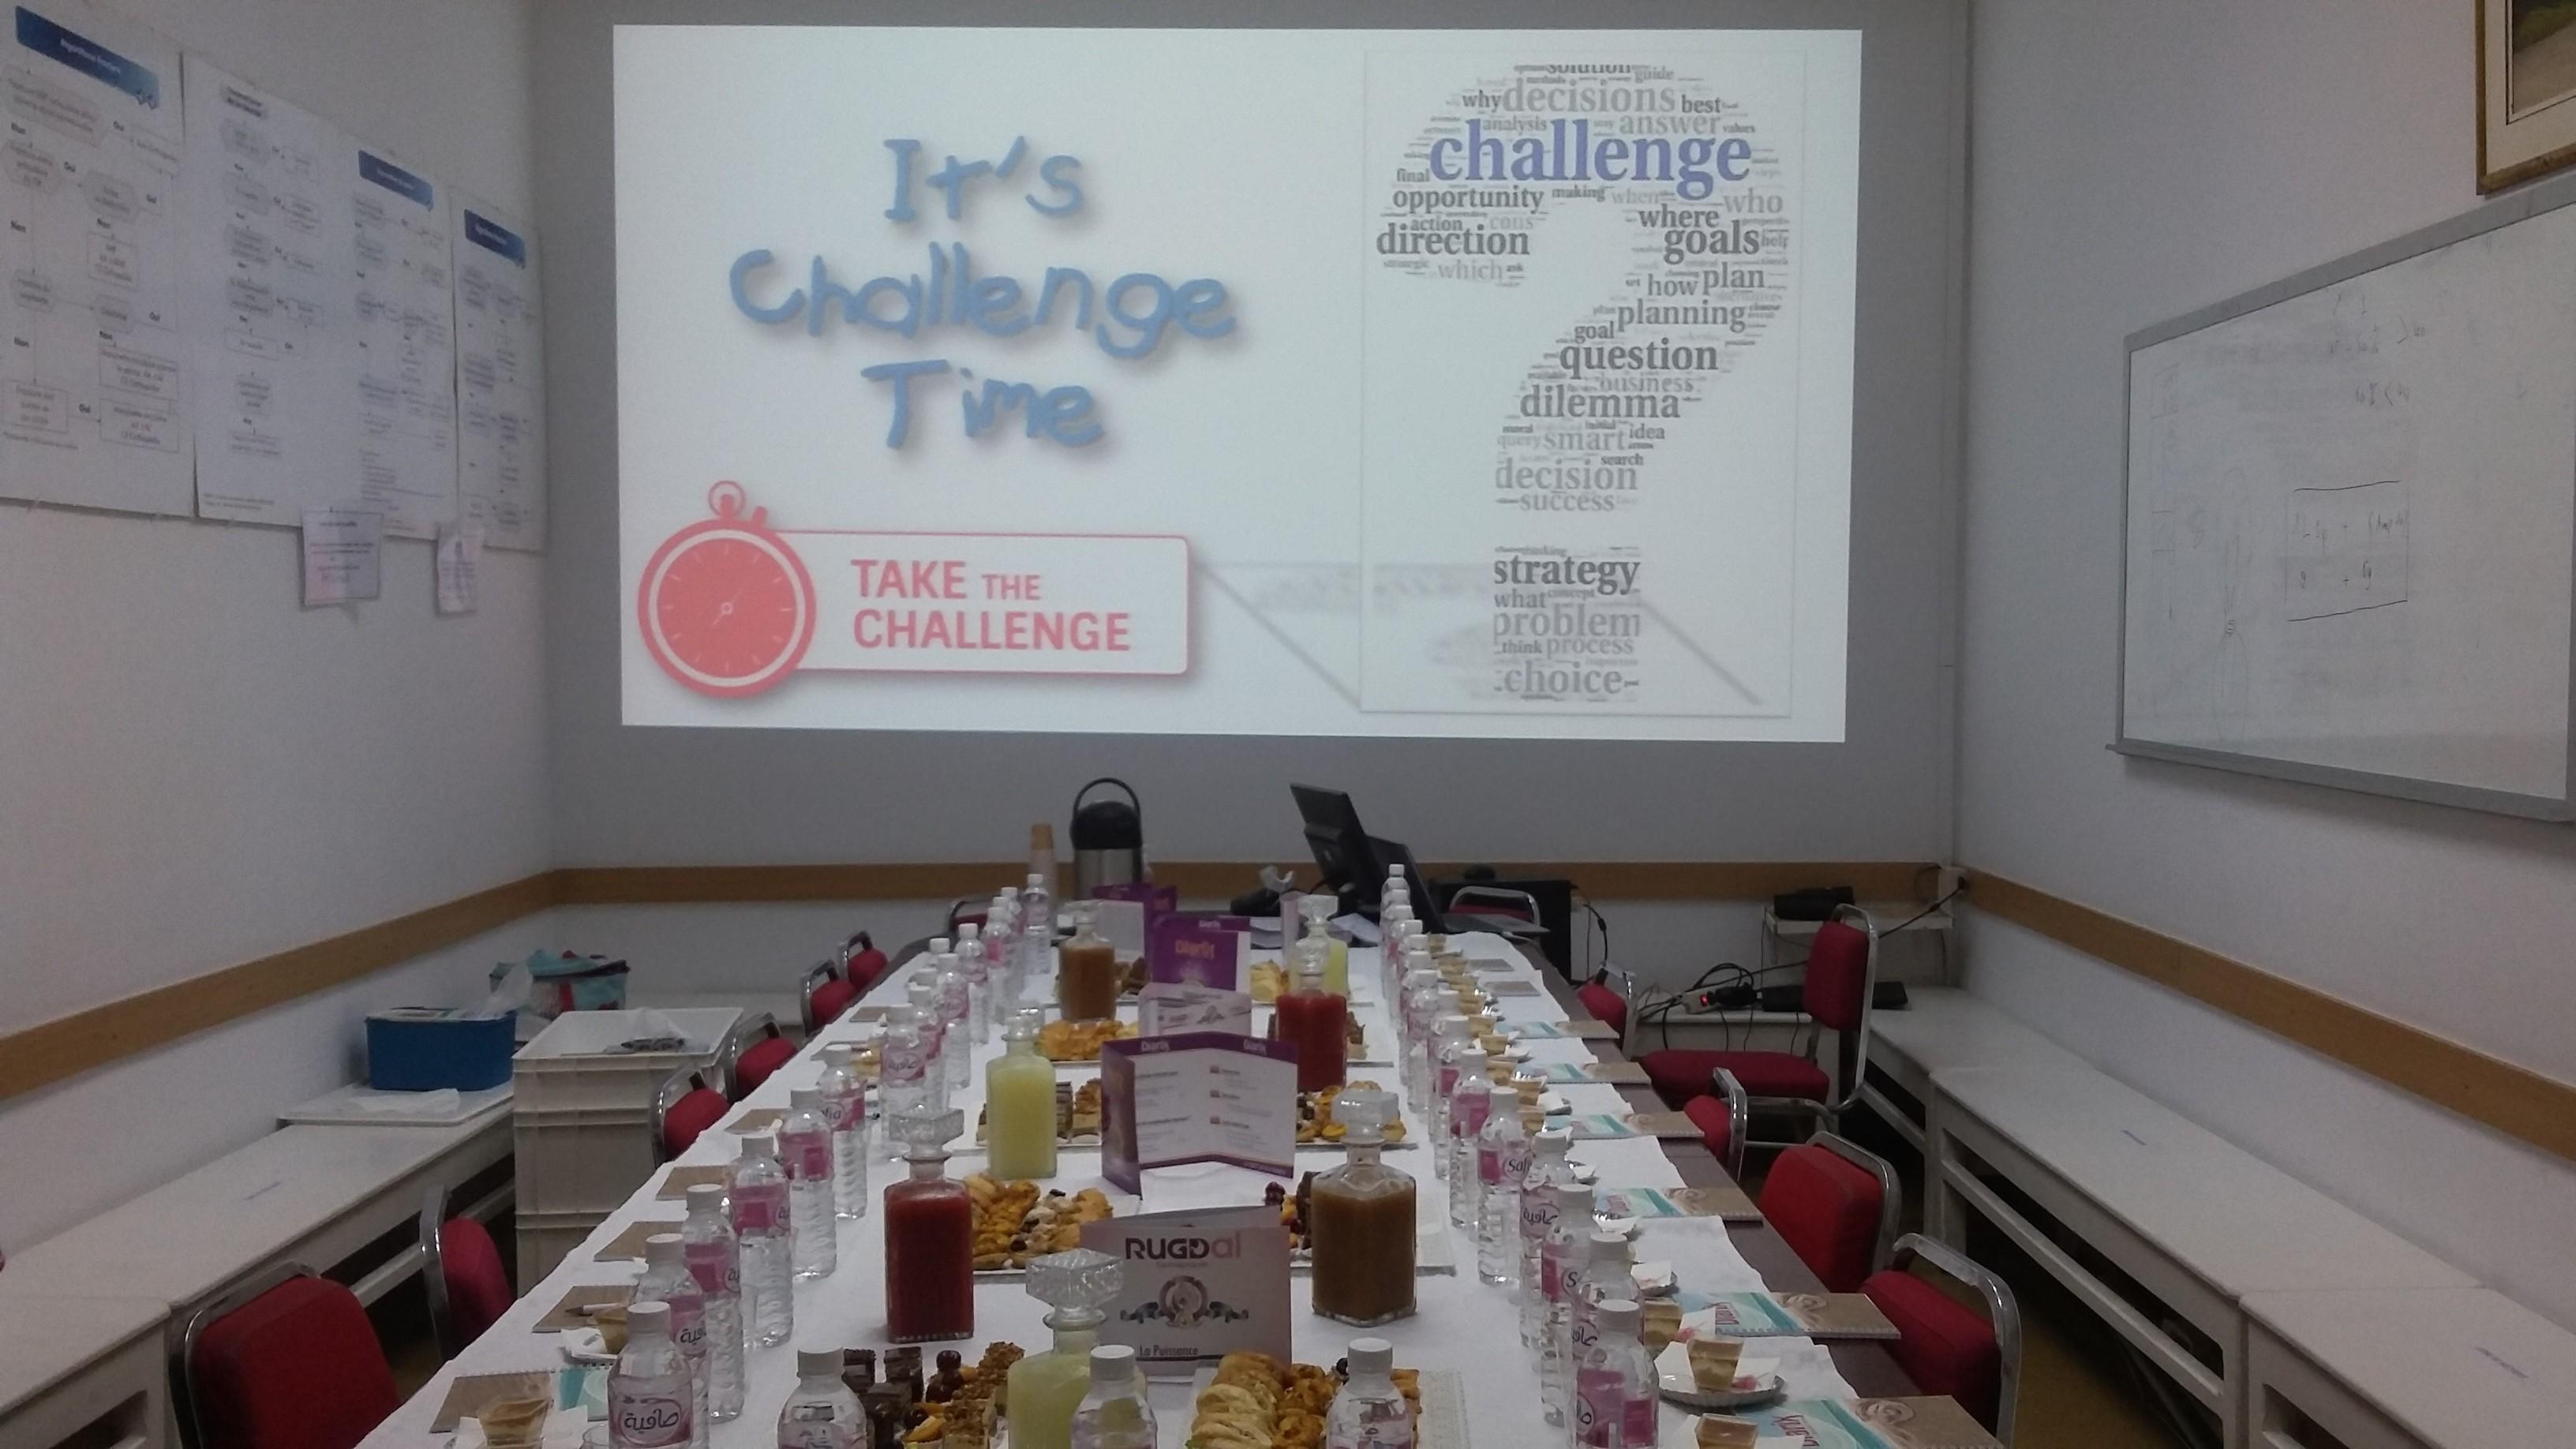 Case challenge